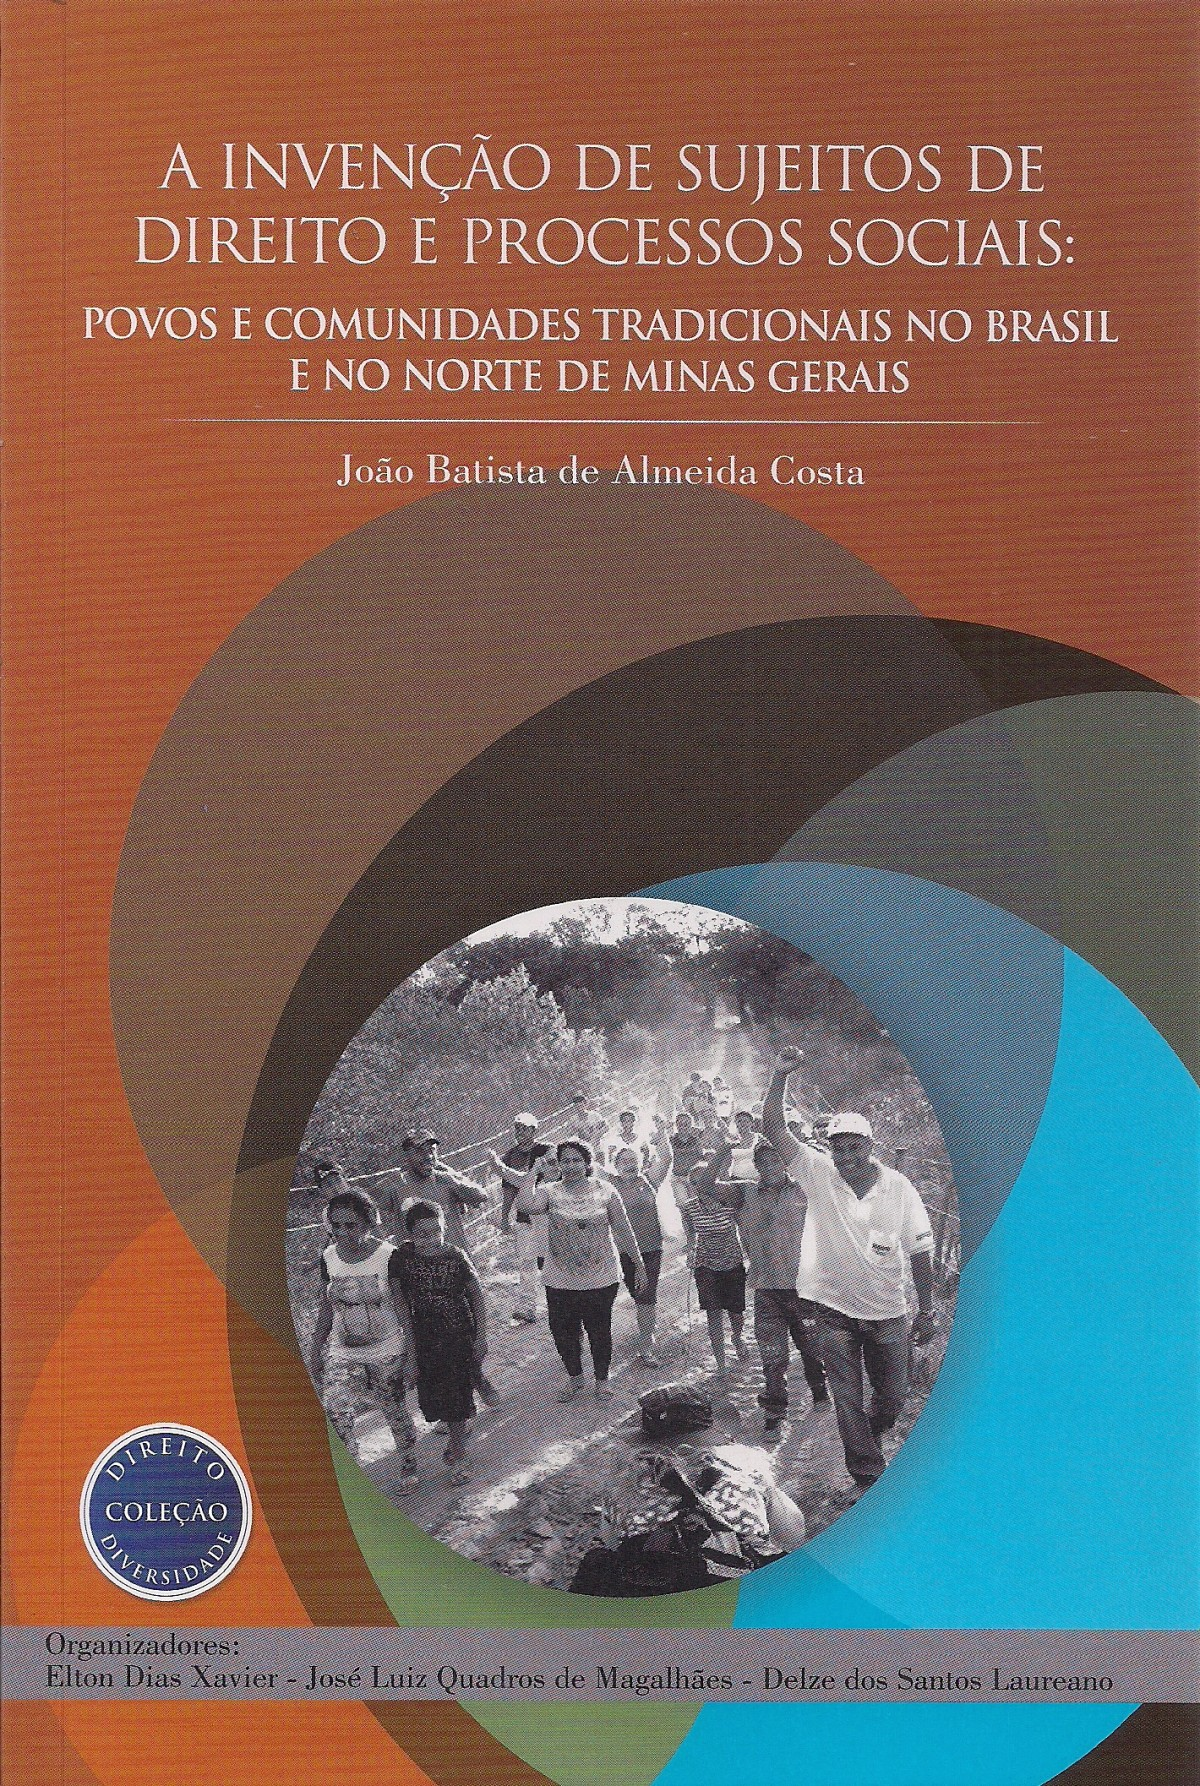 Foto 1 - A Invenção de Sujeitos de Direito e Processos Sociais: Povos e Comunidades Tradicionais no Brasil e